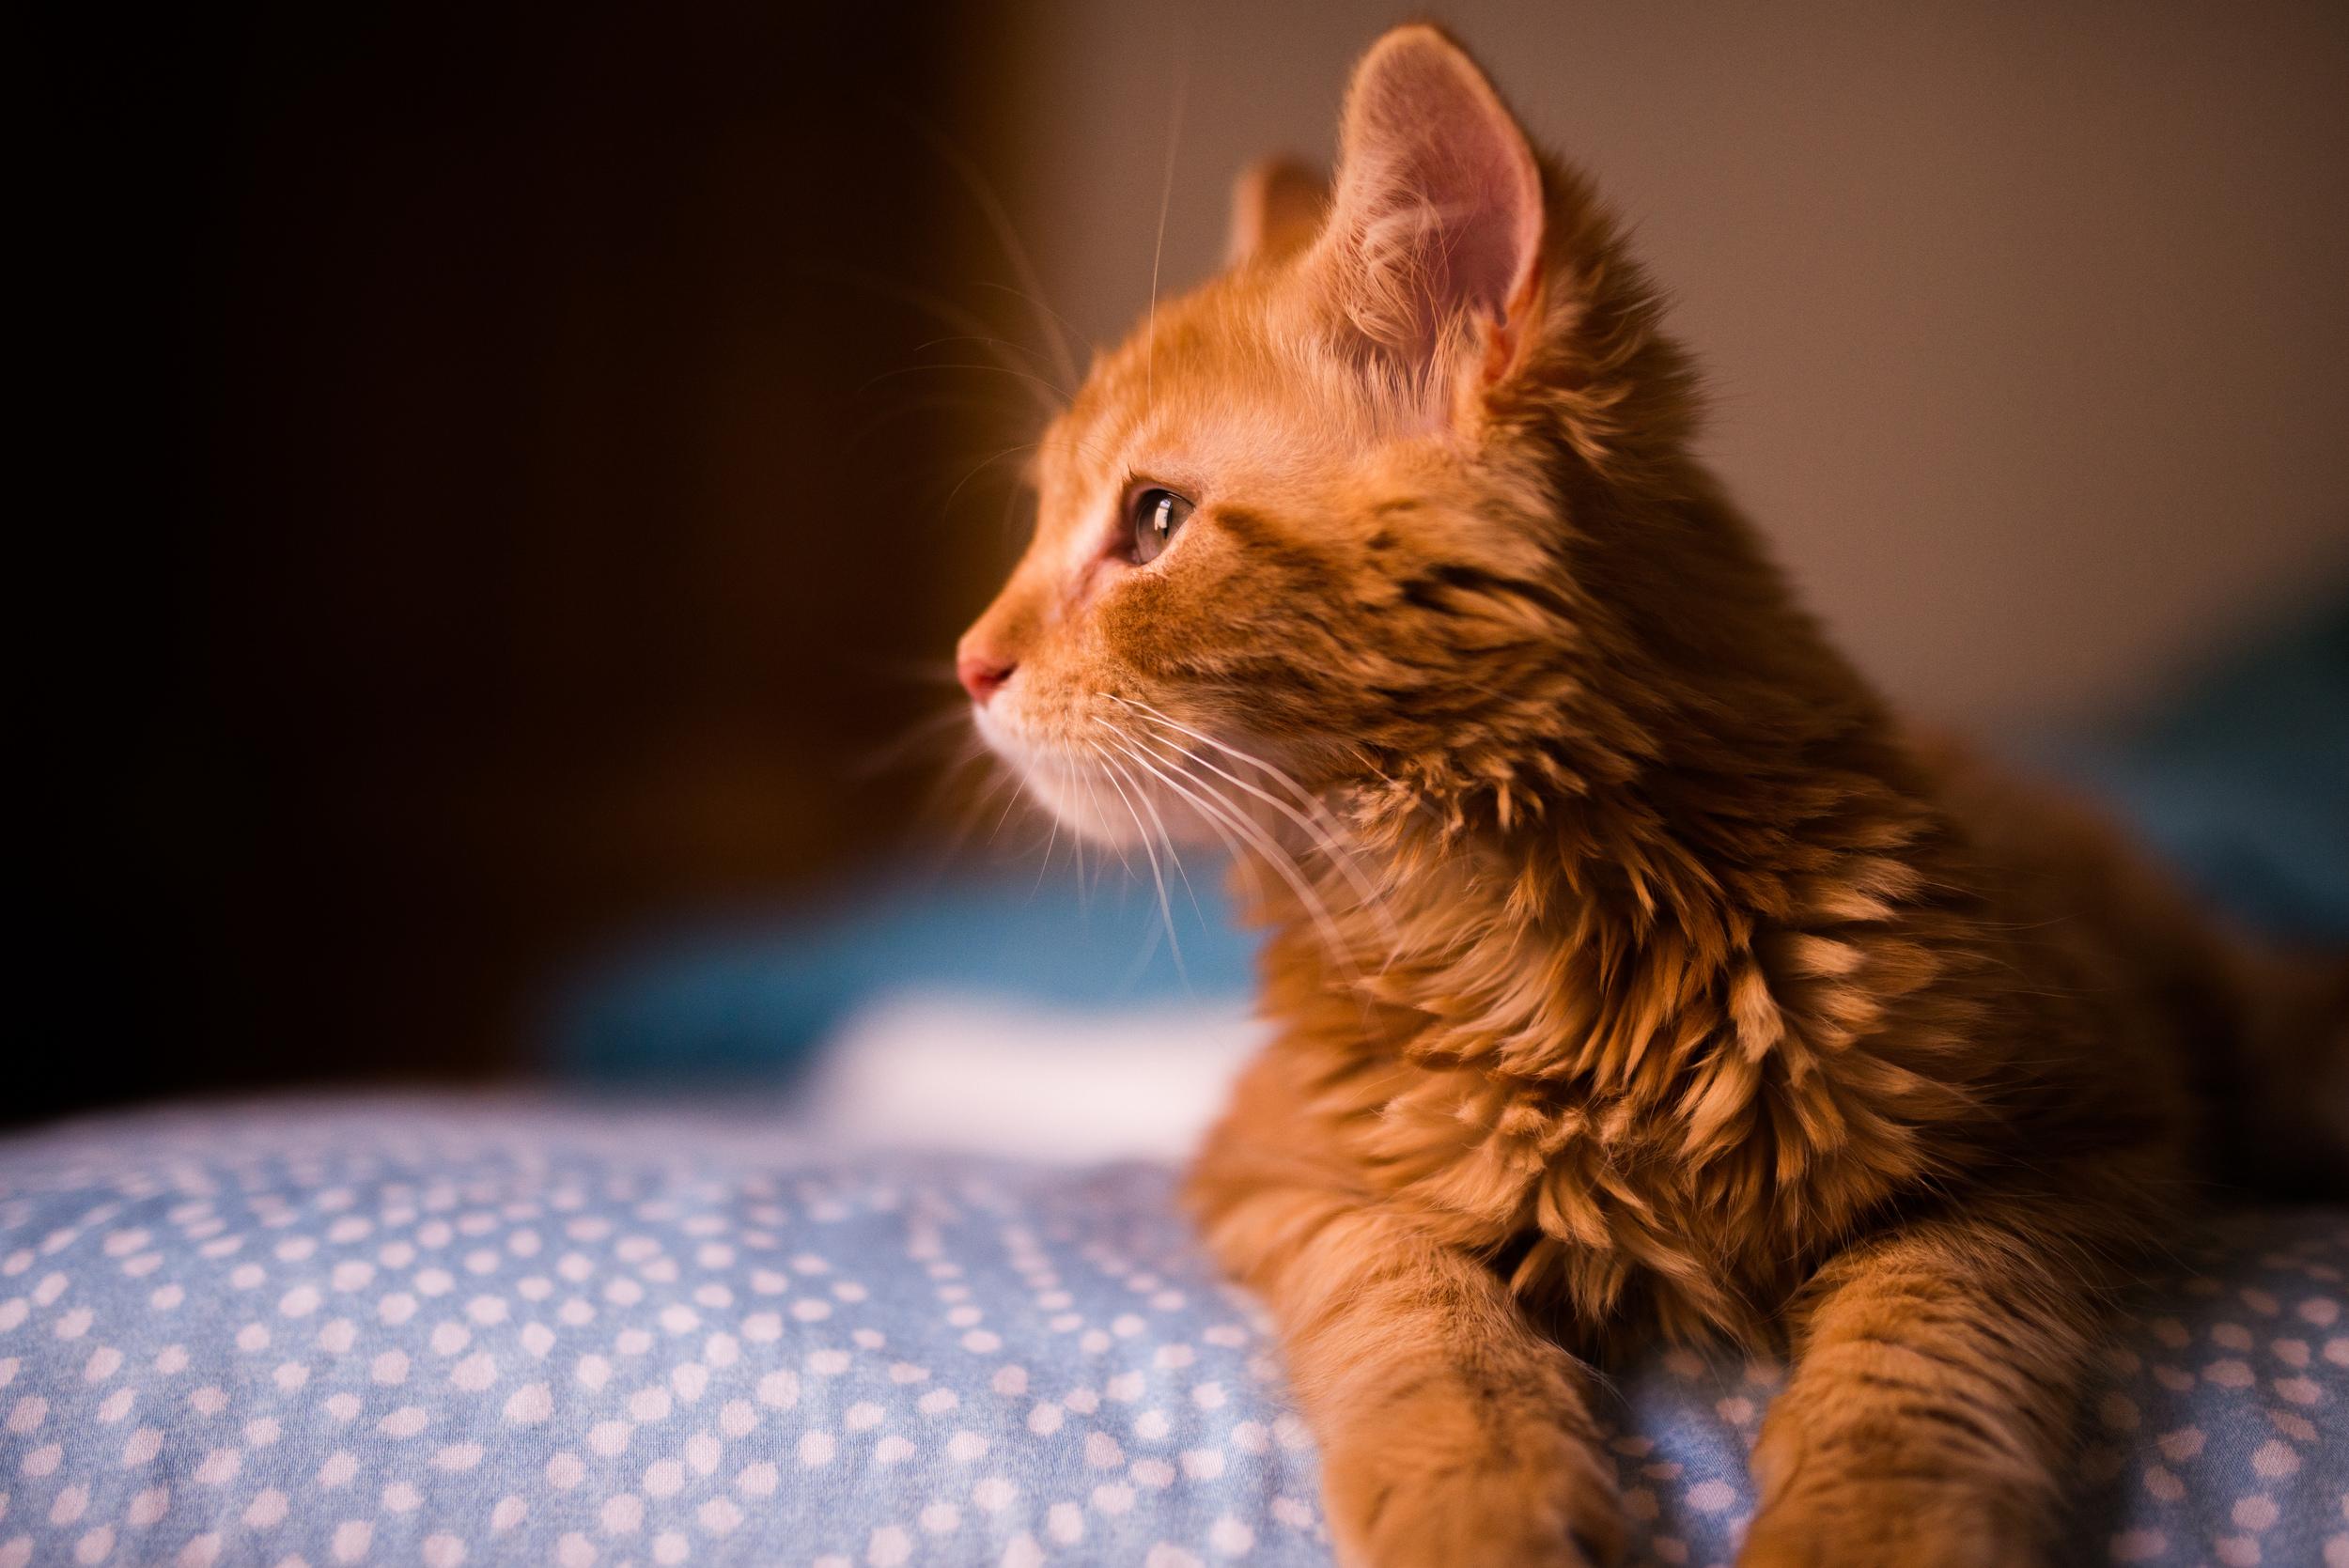 Cats-0961.jpg